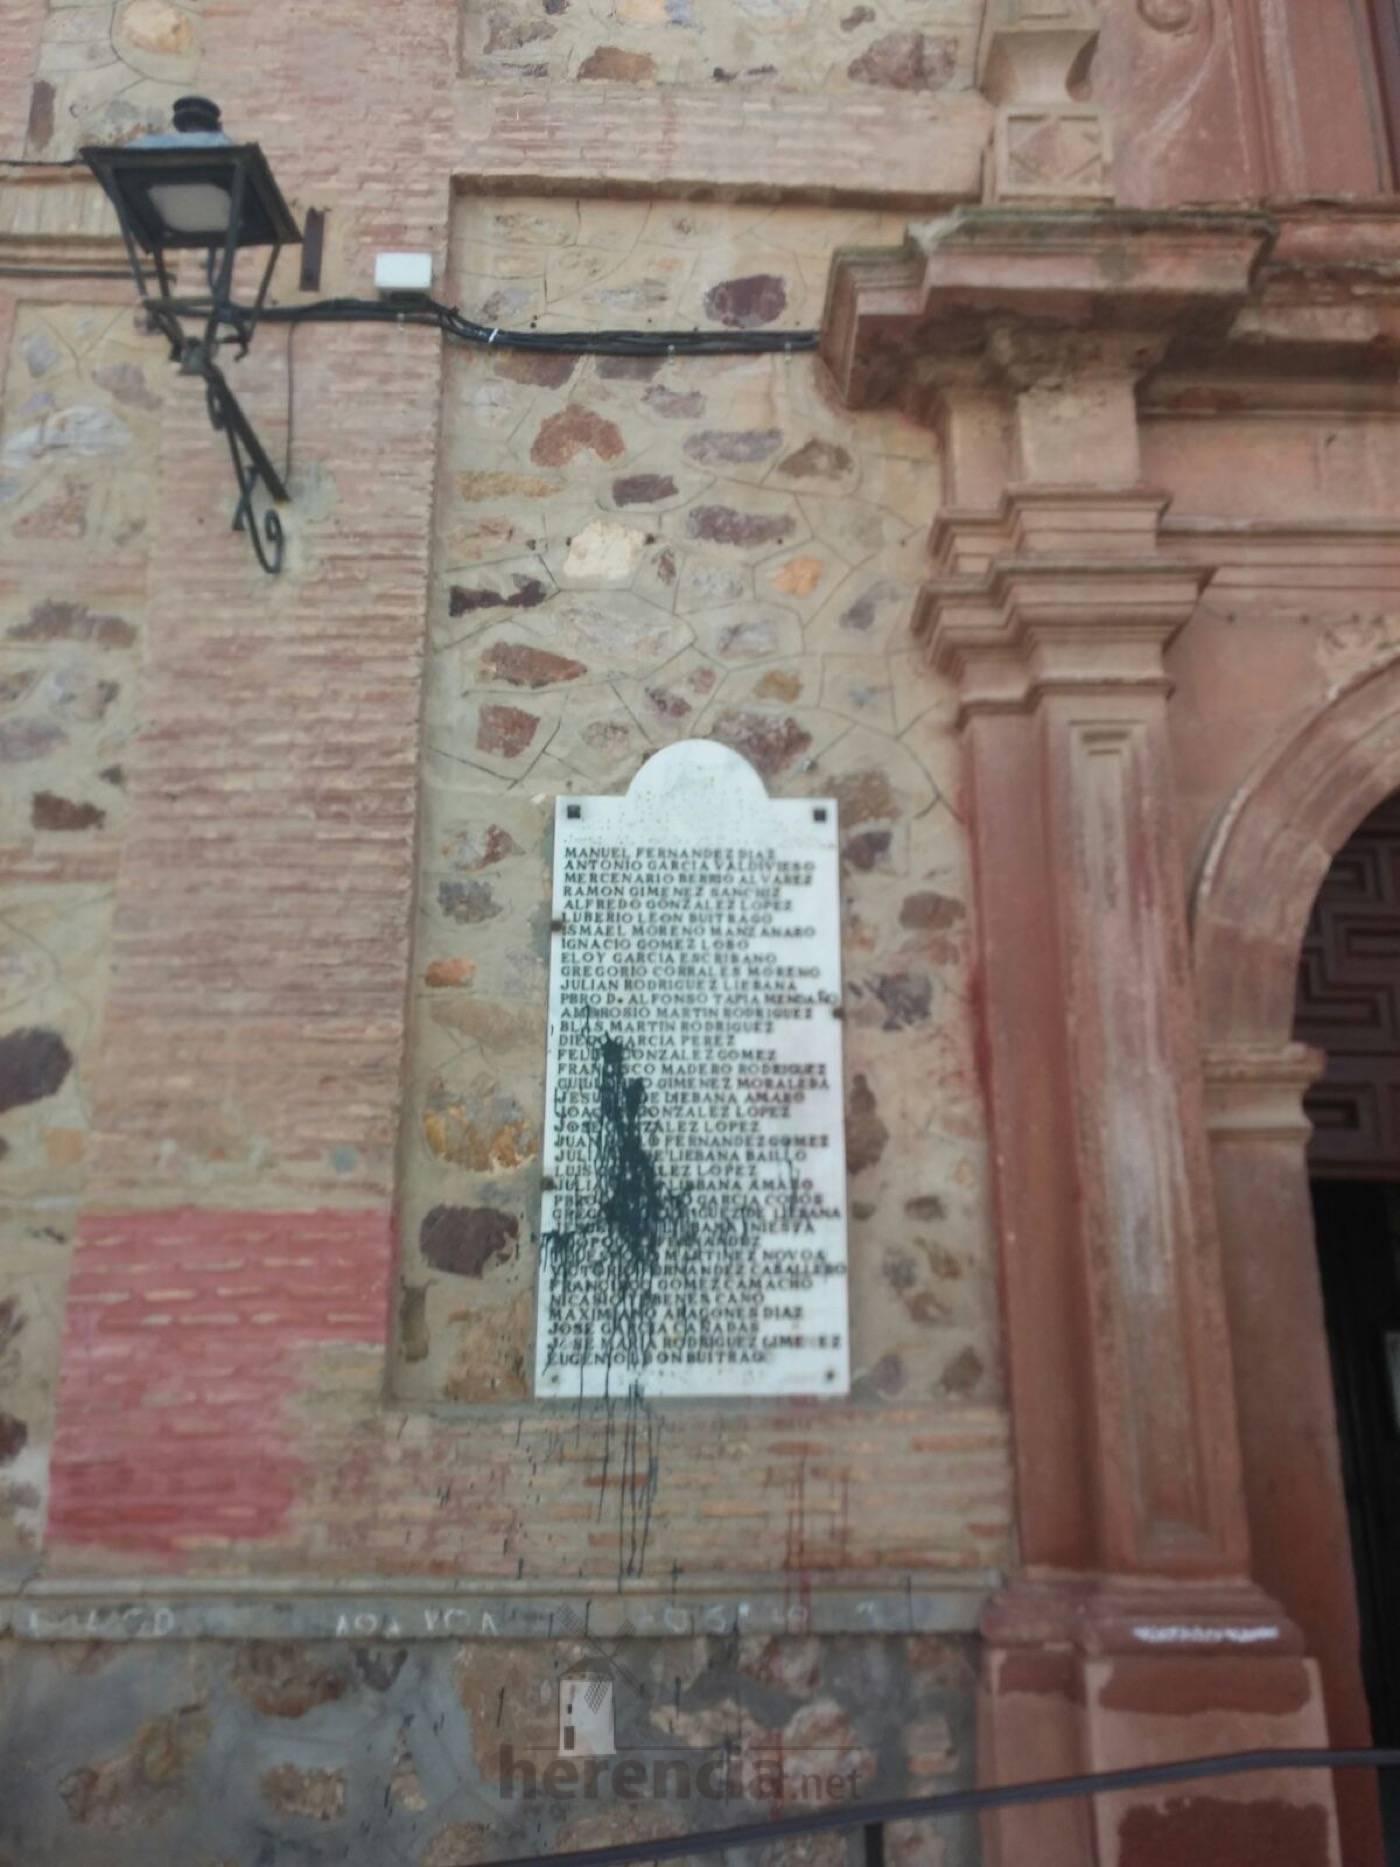 placas en memoria a los caidos en fachada del convento de herencia 1 - Eliminadas las leyendas franquistas de la placas de Herencia en honor a los caídos